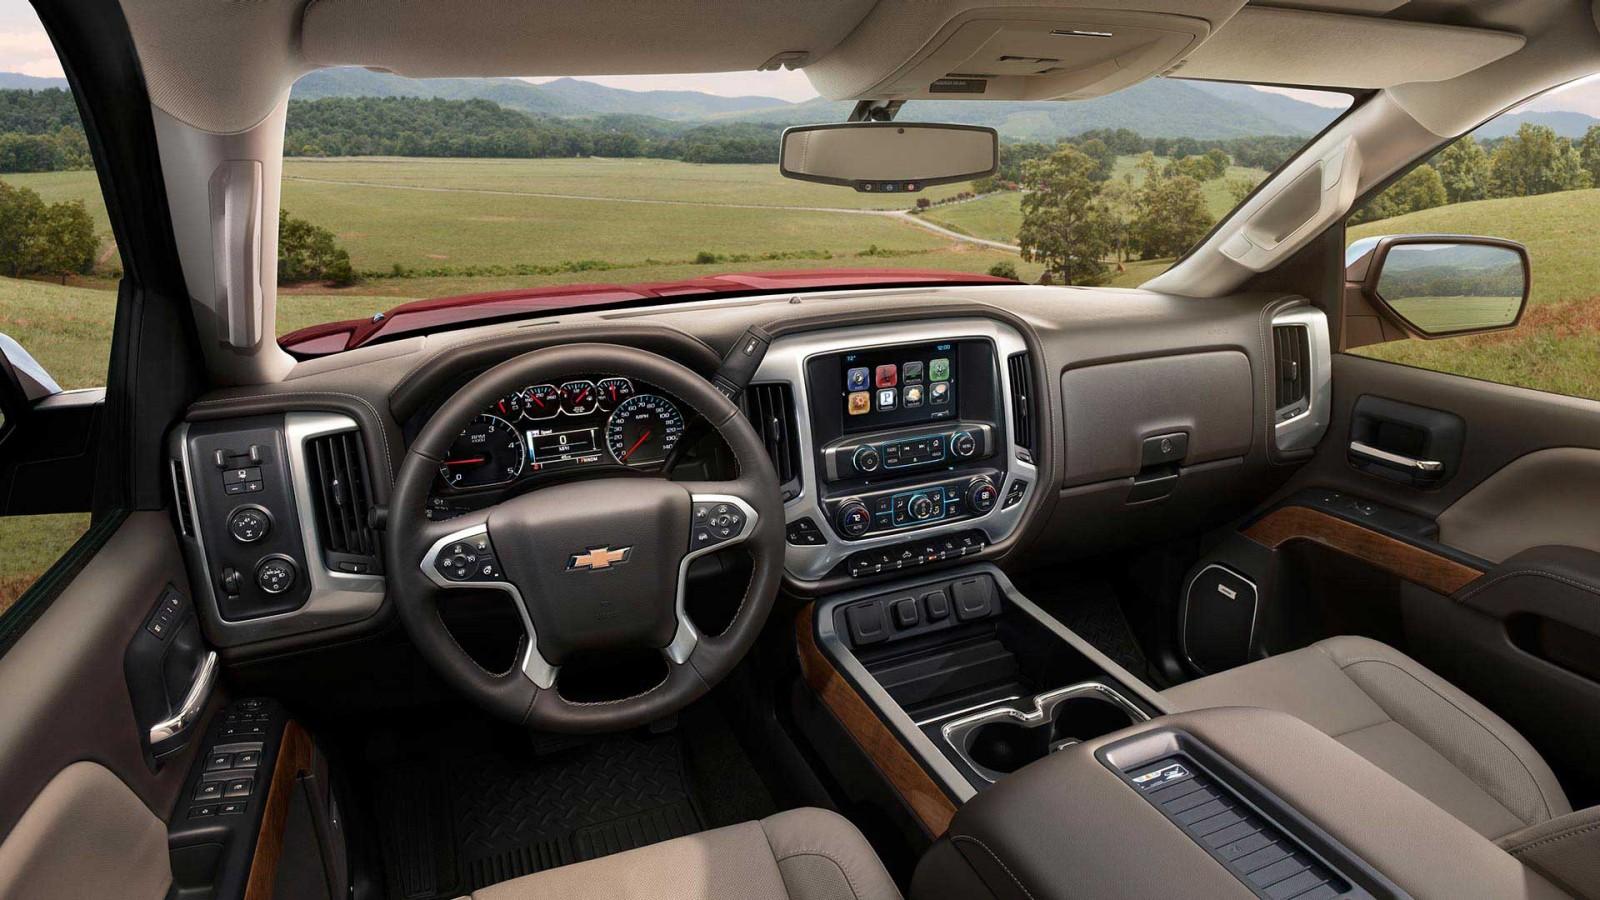 New Chevrolet Silverado 2500 Interior image 2